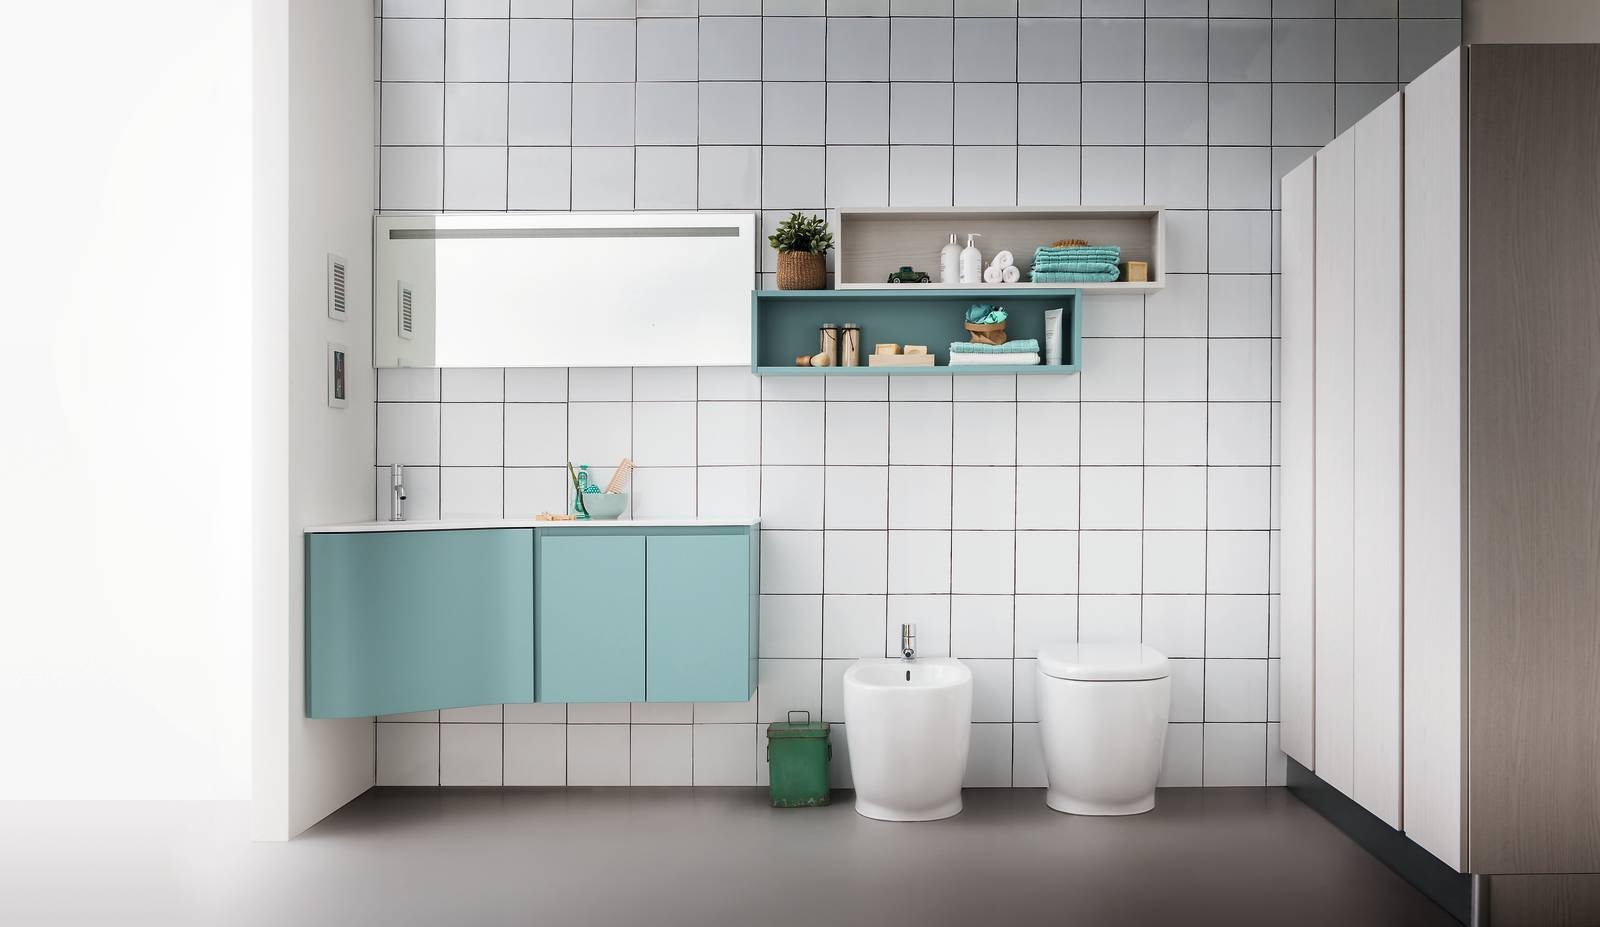 Vasca Da Bagno Piccole Dimensioni 120 : Soluzioni per un bagno piccolo piccolo cose di casa